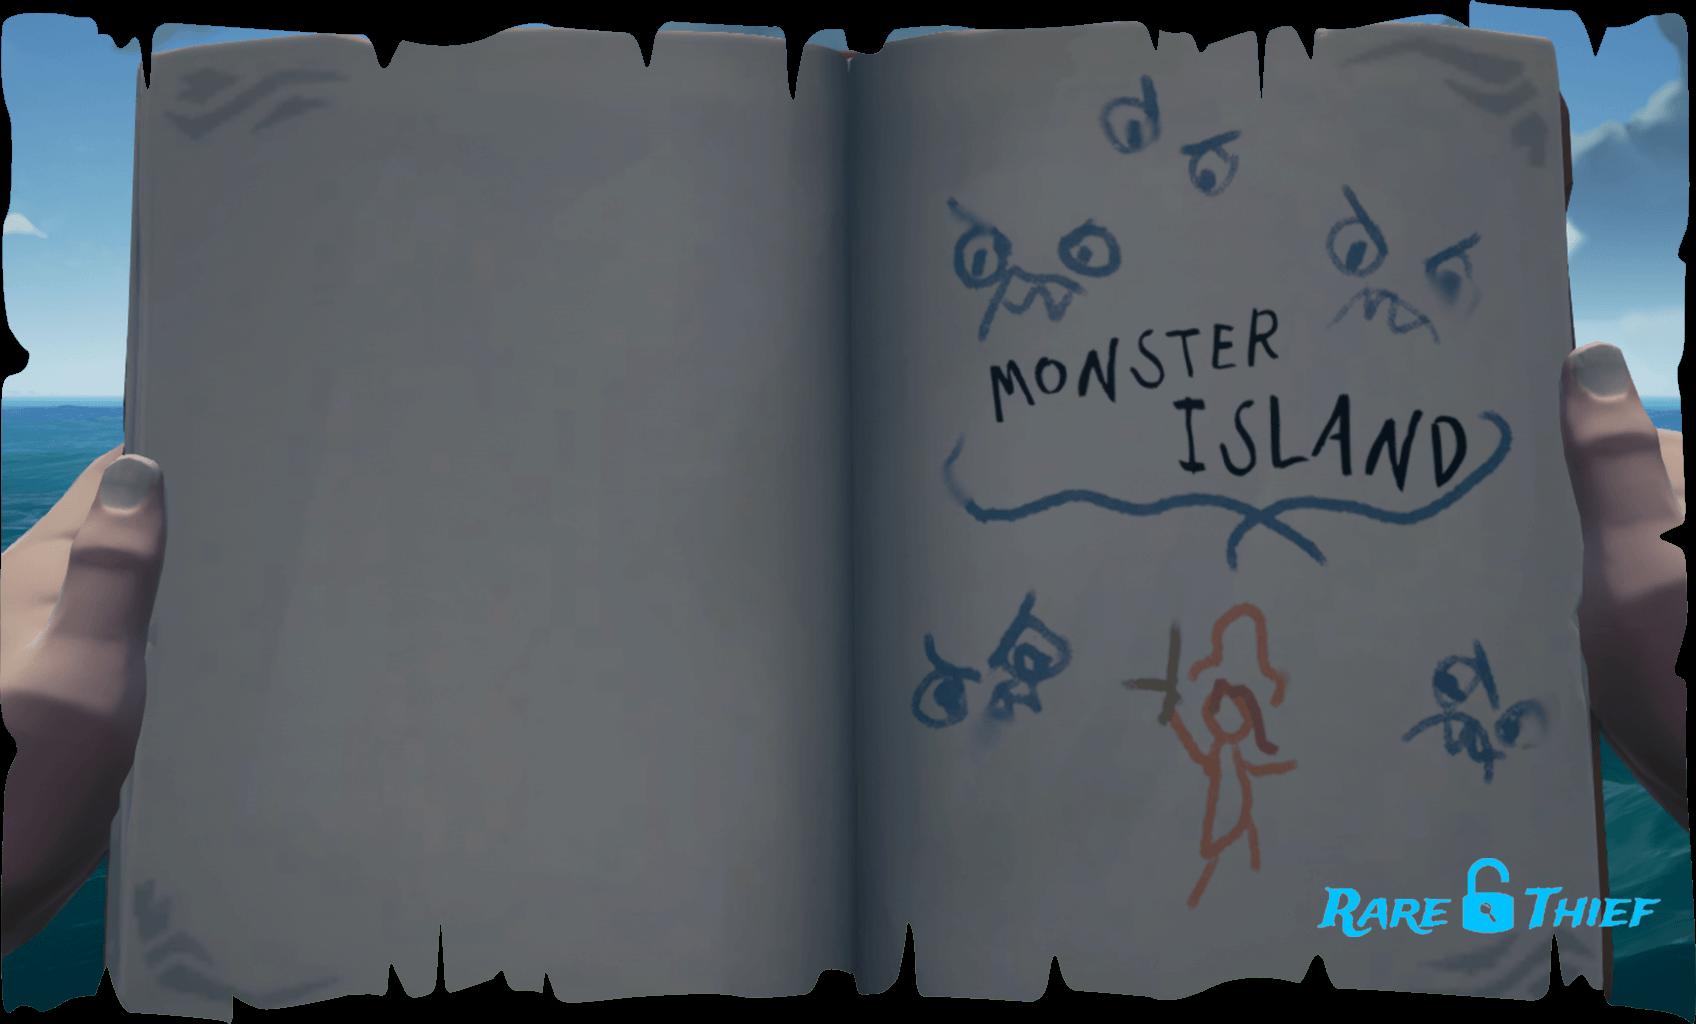 Legendary Storyteller Monster Island